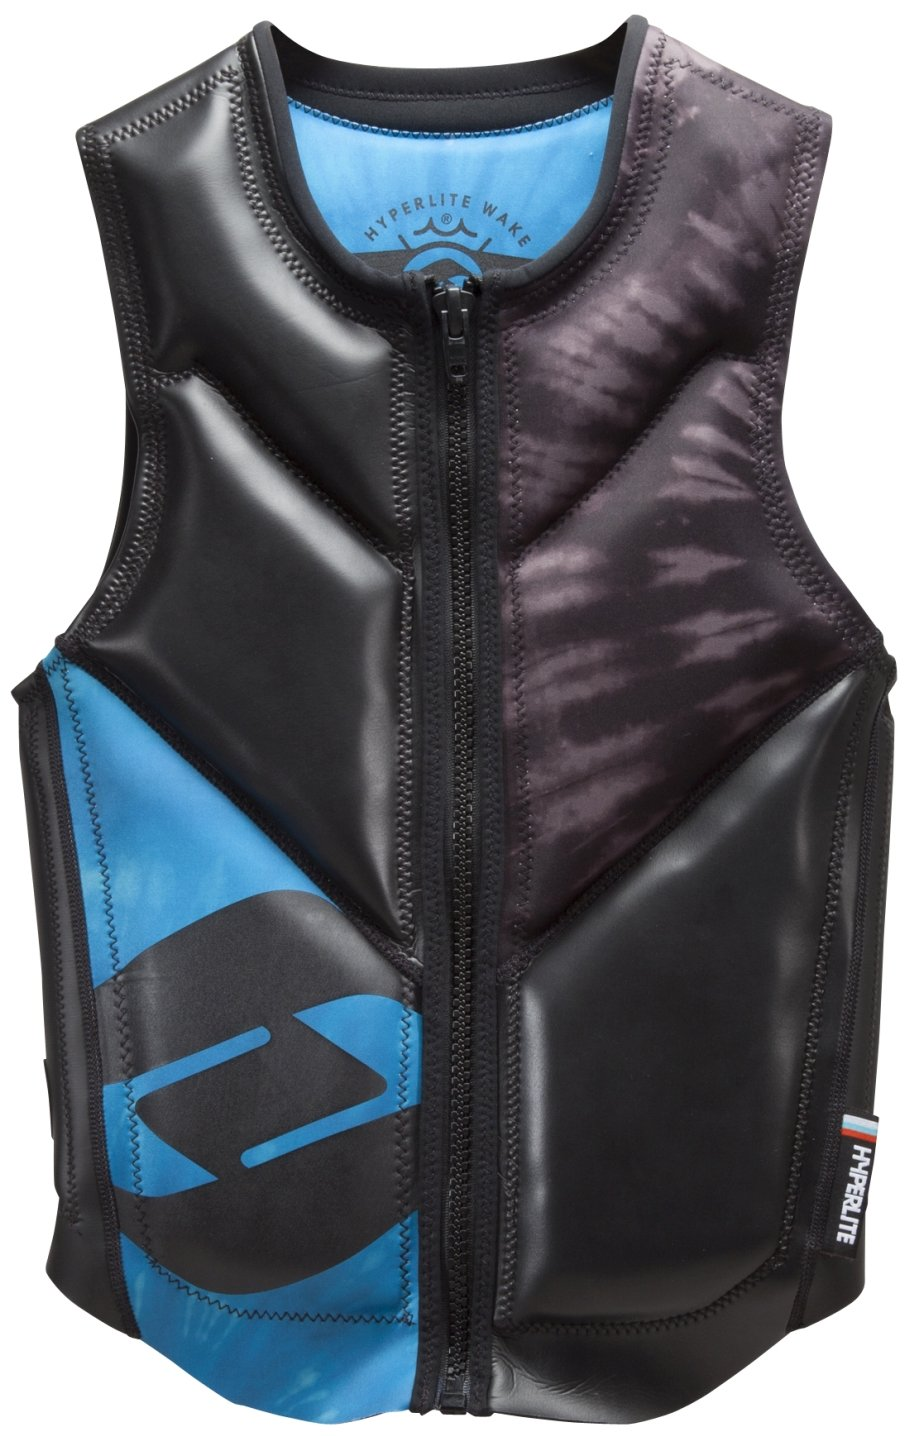 【翌日発送可能】 Hyperlite NCGA Franchise Franchise Vest X-Large Vest ブラックタイダイ B0064FW03U B0064FW03U, こむろのキモノ:21e44155 --- a0267596.xsph.ru